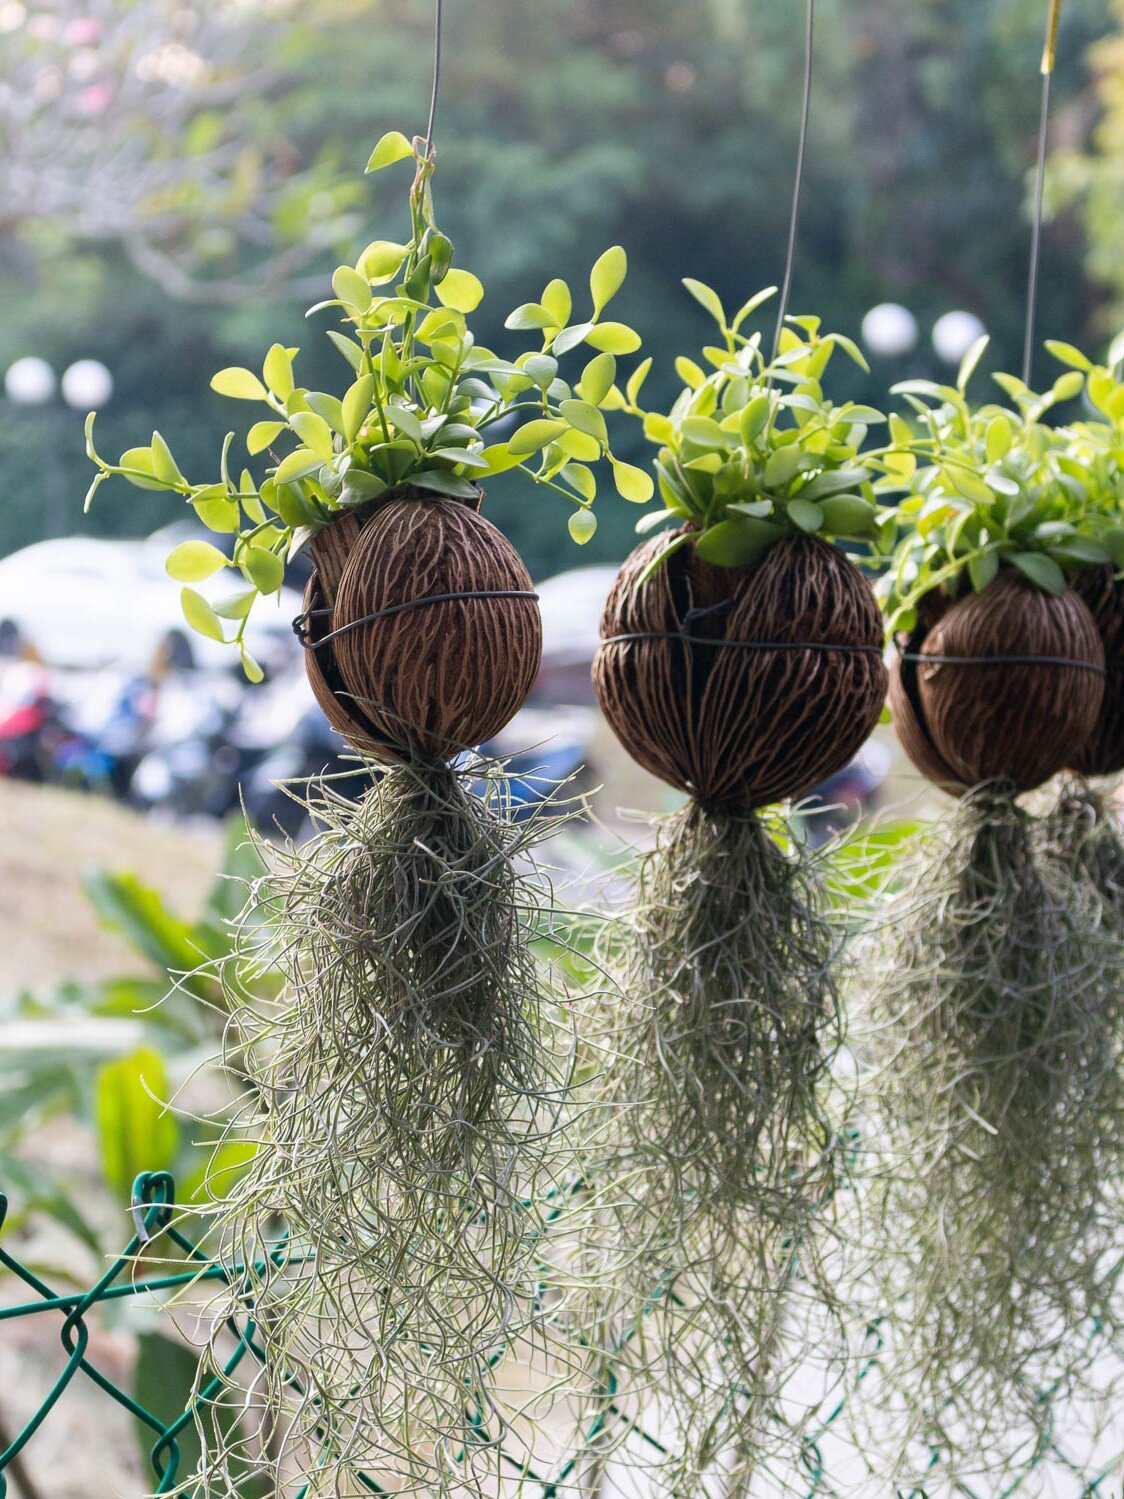 tillandsia-spanish-moss-plant.jpg